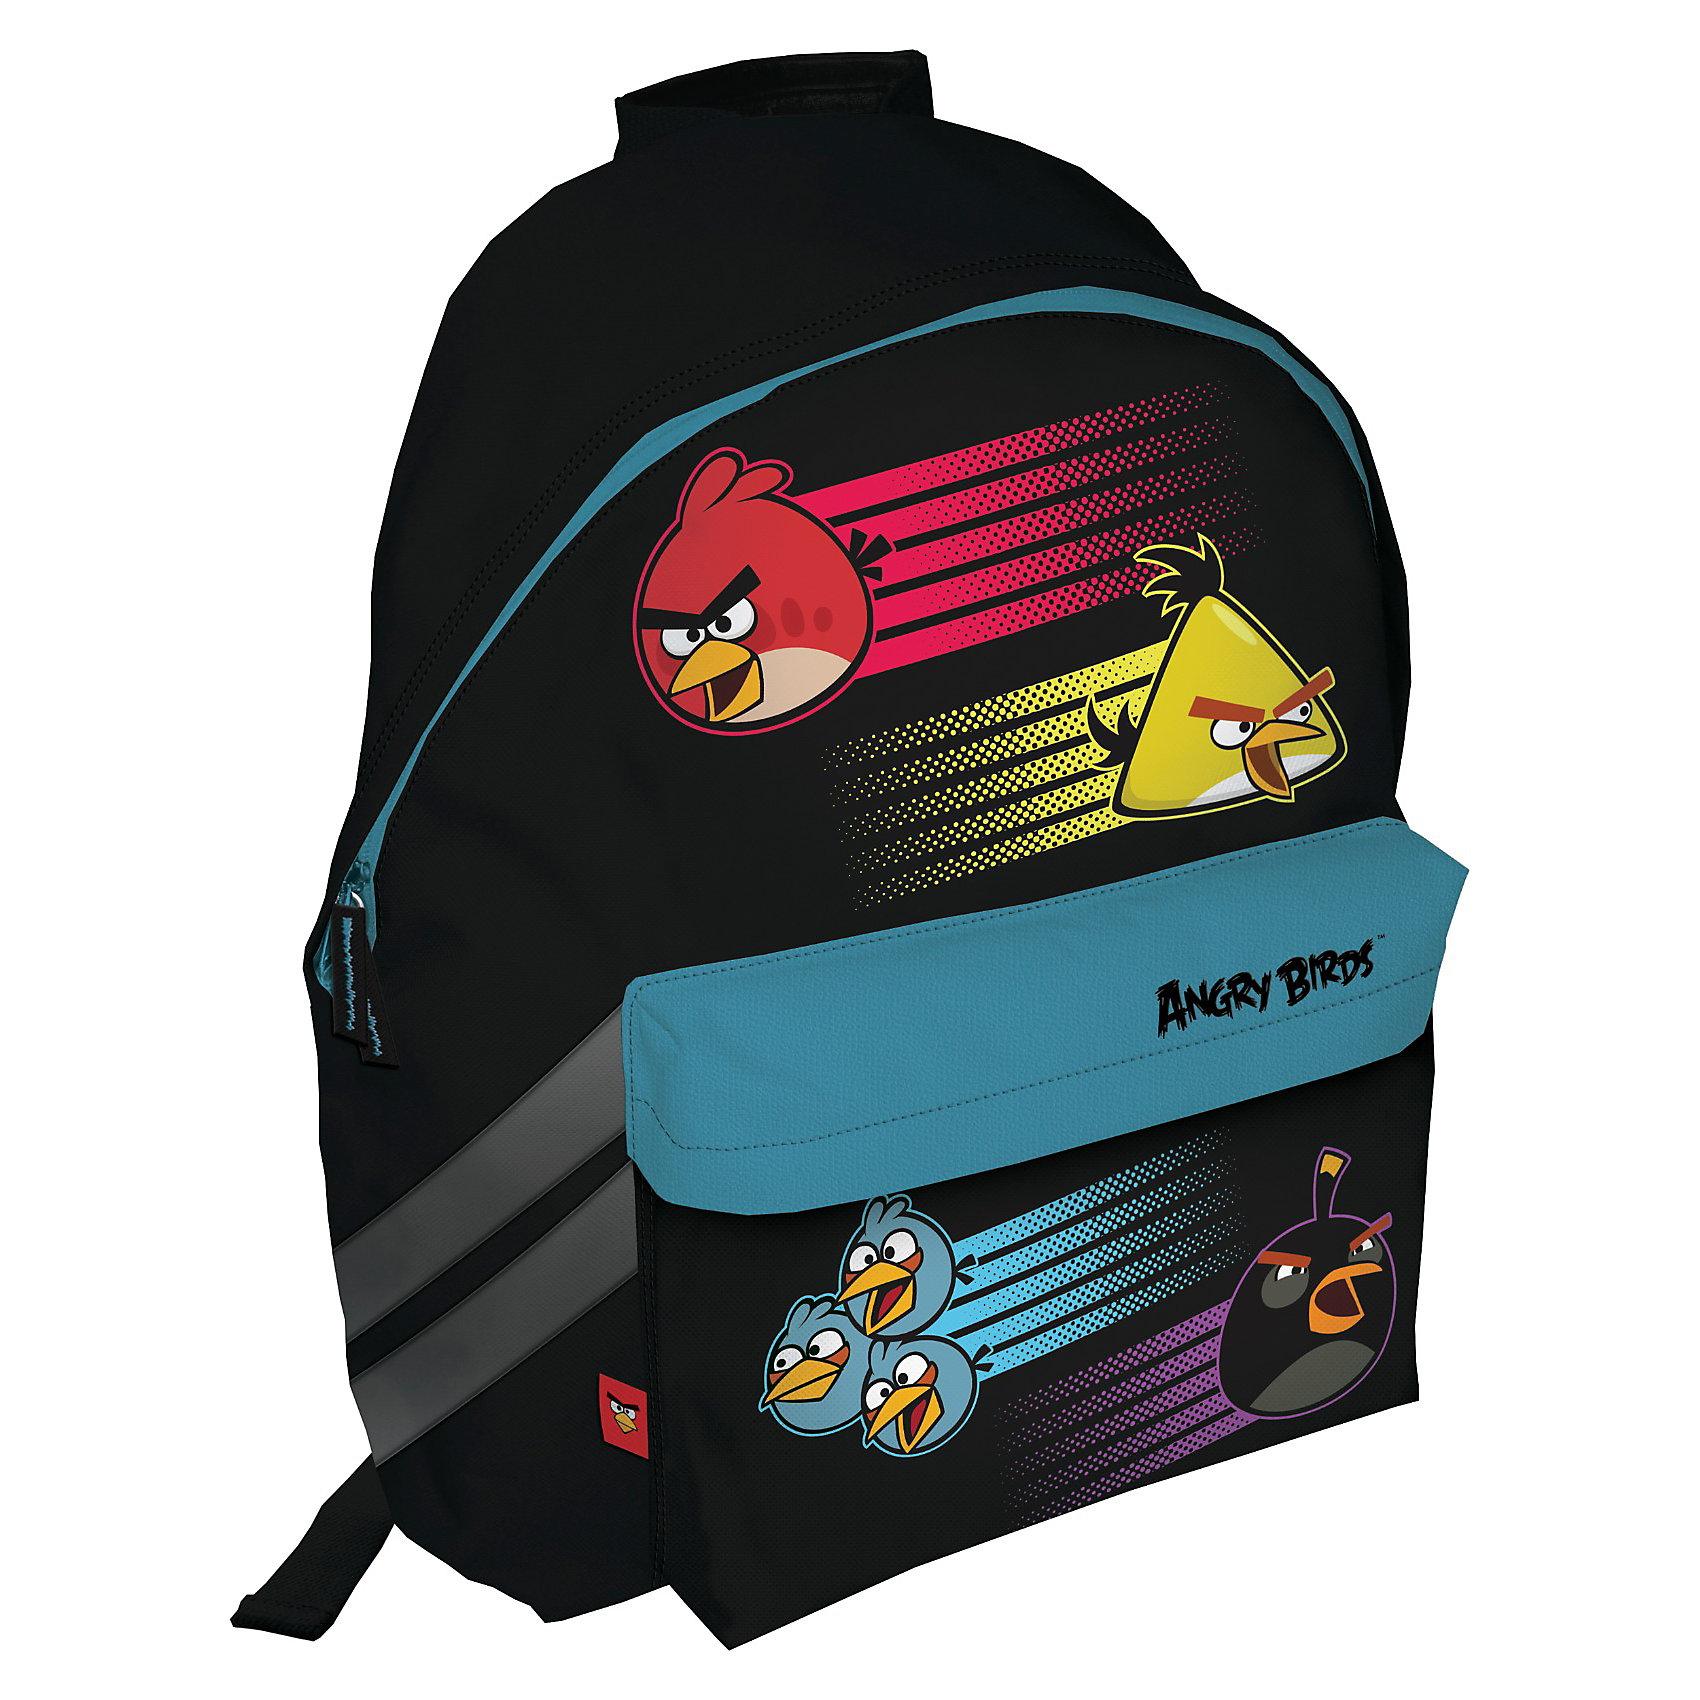 Школьный рюкзак, Angry BirdsШкольные рюкзаки<br>Рюкзак, Angry Birds (Энри Бердс) – станет прекрасным спутником Вашего ребенка в школу.<br>Спинка выполнена с использованием высокотехнологичного водонепроницаемого упругого материала. Увеличенная ширина лямок позволяет снизить нагрузку на надплечье. Регулируемая длина гарантирует, что рюкзак подойдет ребенку любого роста. Текстильная ручка позволяет удобно переносить рюкзак в руках. Светоотражающие элементы на лямках и корпусе рюкзака делают ребенка более заметным для водителей и повышают безопасность ребенка на дороге. Карманы: вместительный наружный карман на скрытой молнии предназначен для предметов средних размеров; один накладной карман на молнии предназначен для хранения средних и мелких предметов. Основной отдел на молнии состоит из одного отделения и предназначен для размещения изделий размером до А4 формата включительно, без сложений. Дно укреплено высокотехнологичным водонепроницаемым упругим материалом.<br><br>Дополнительная информация:<br><br>- Размер: 40x 31x15 см.<br><br>Рюкзак, Angry Birds (Энри Бердс) можно купить в нашем интернет-магазине.<br><br>Ширина мм: 350<br>Глубина мм: 350<br>Высота мм: 200<br>Вес г: 800<br>Возраст от месяцев: 72<br>Возраст до месяцев: 144<br>Пол: Унисекс<br>Возраст: Детский<br>SKU: 3563254